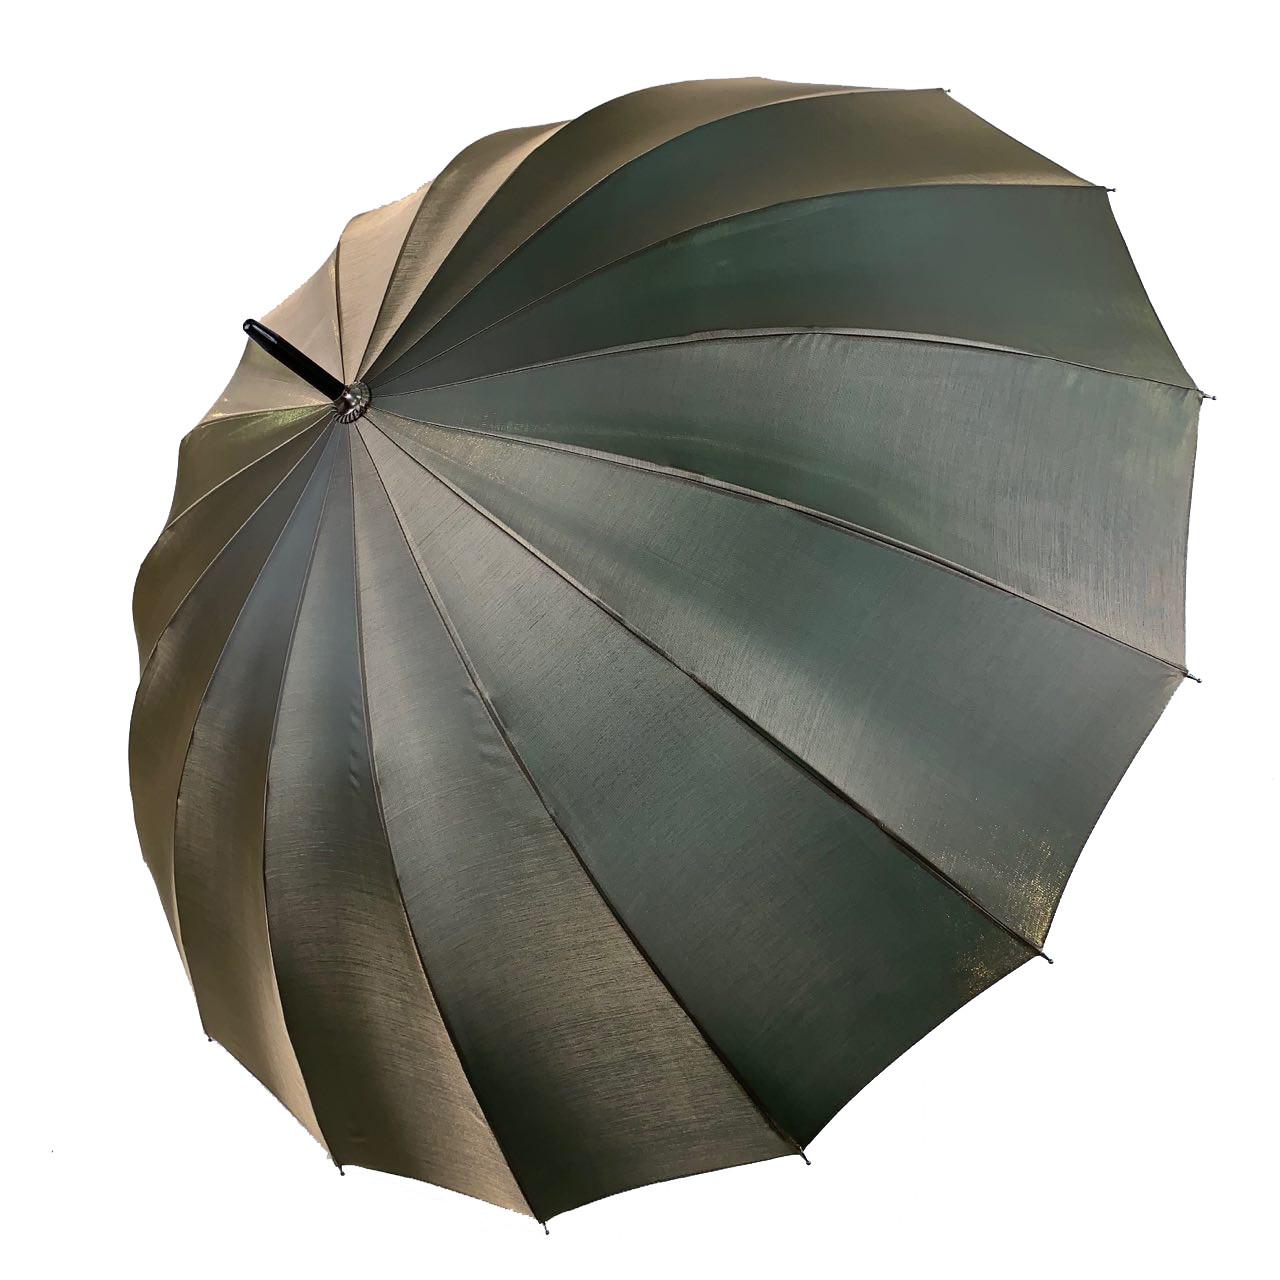 Женский зонтик-трость, полуавтомат от Calm Rain, оливковый / серый (хамелеон), 1002-2